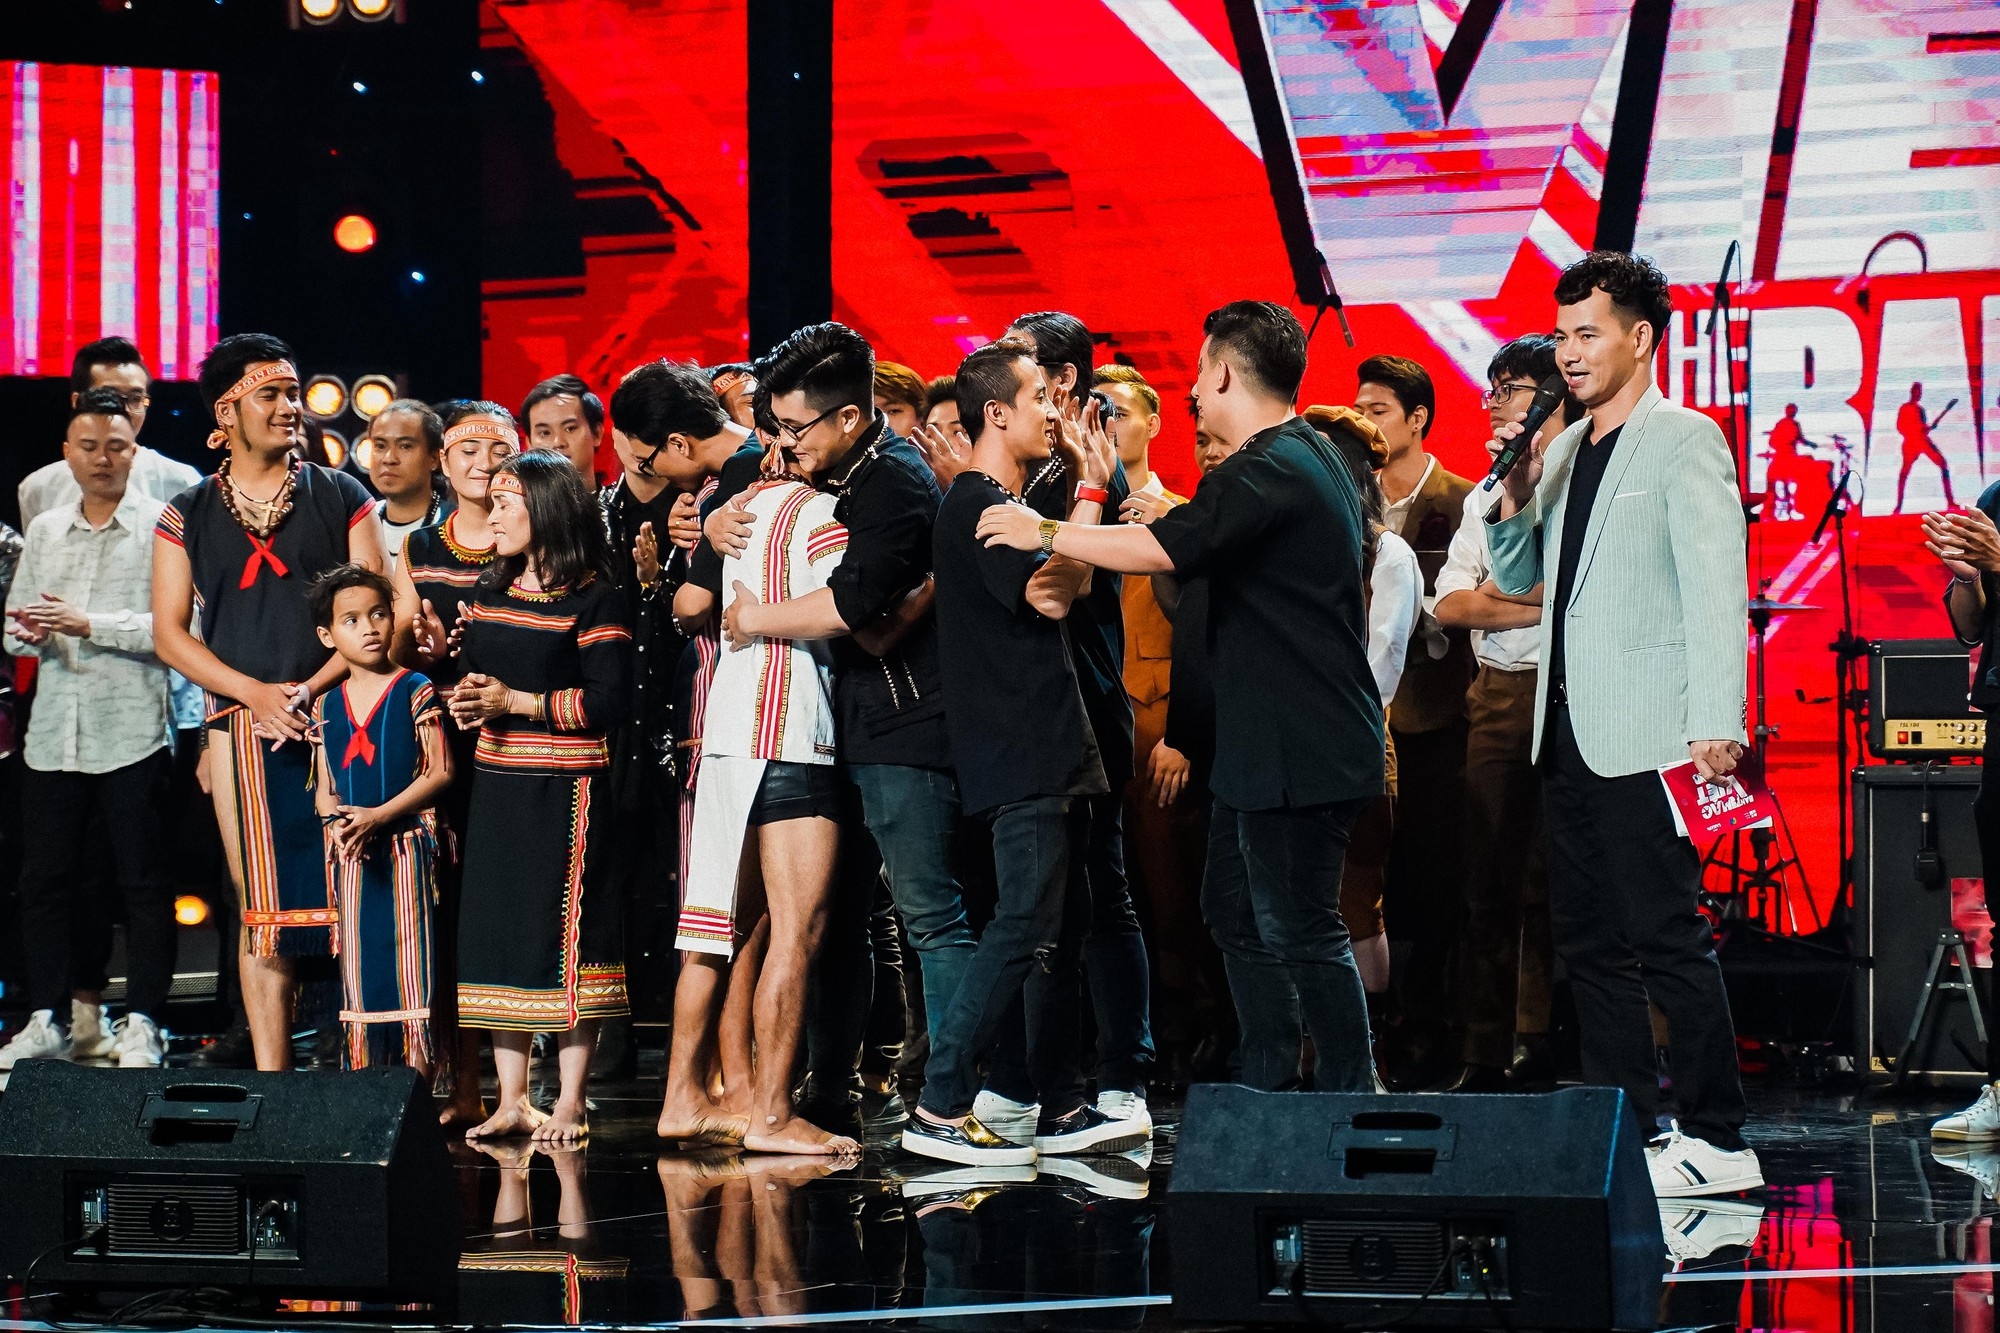 Ban nhạc Việt: Màn trộn lẫn hit Lam Trường, Mỹ Tâm, Phương Vy khiến các giám khảo bàn tán sôi nổi - Ảnh 18.